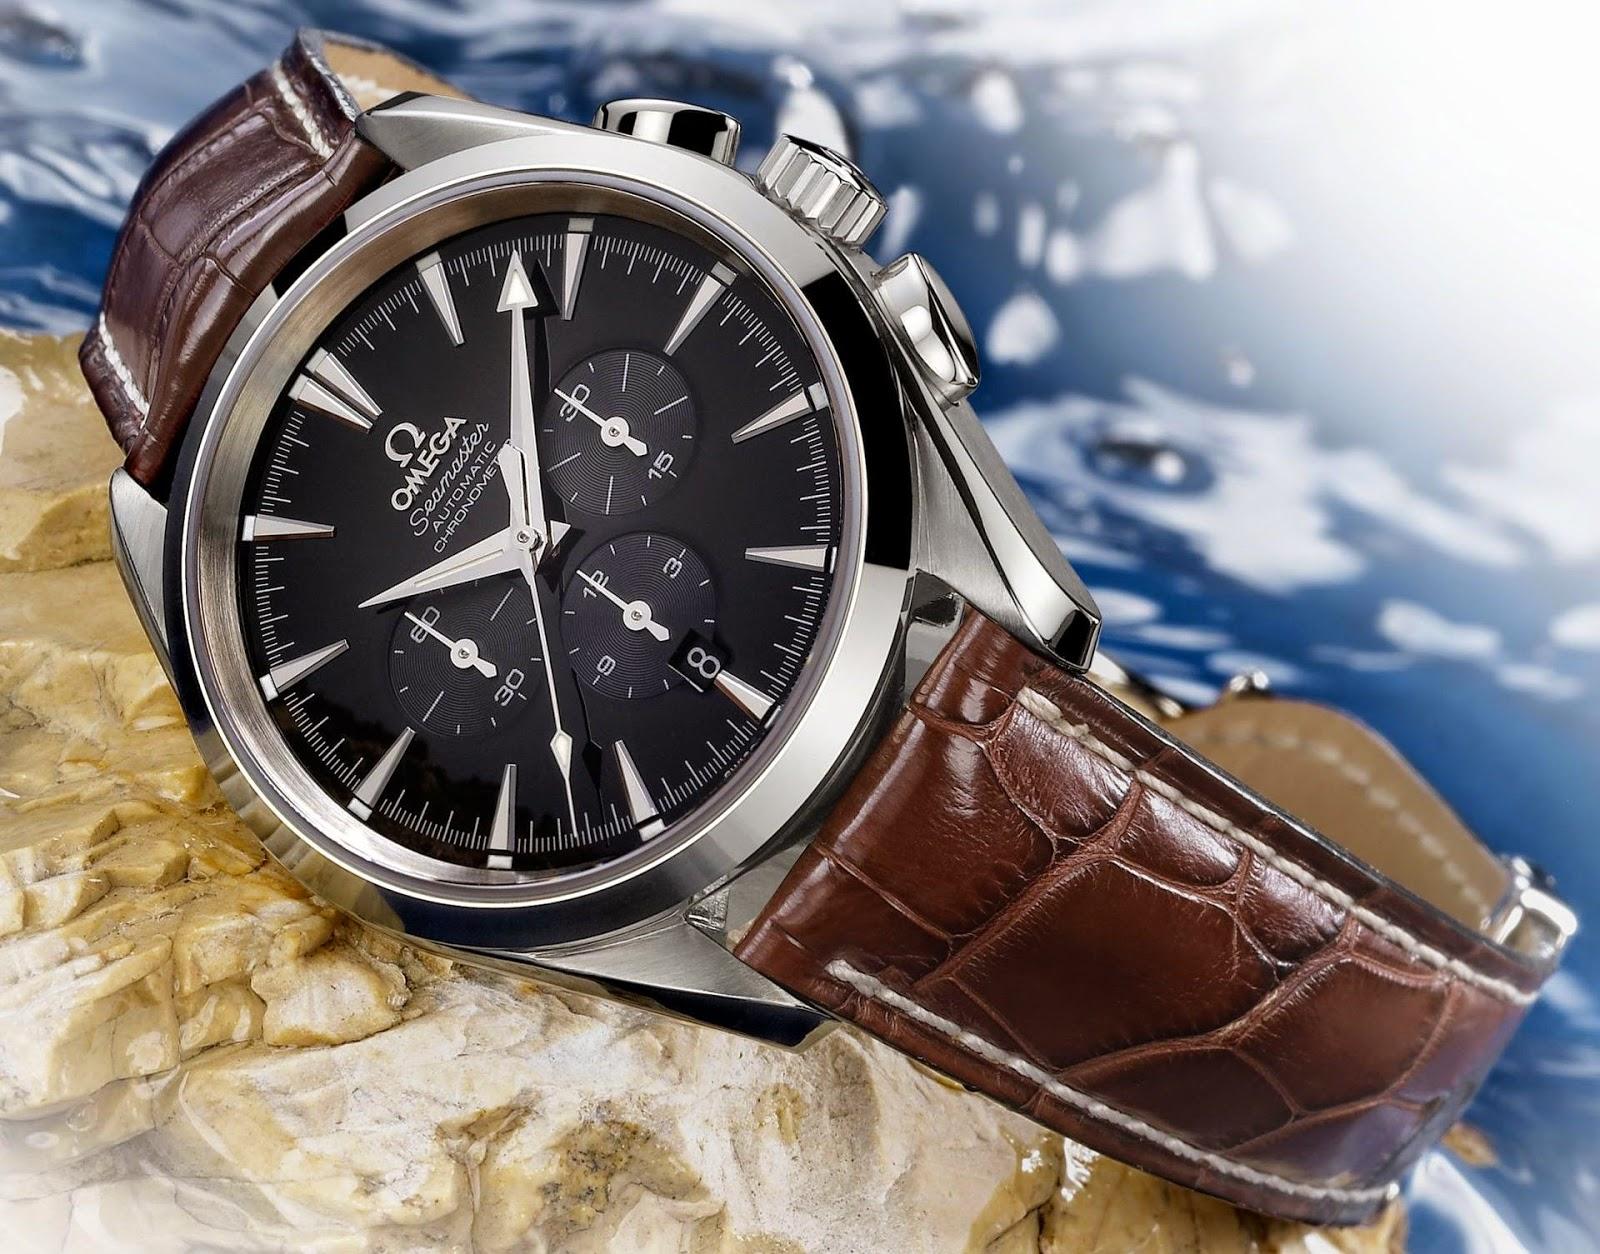 Omega Seamaster Aqua Terra Chronograph with leather strap